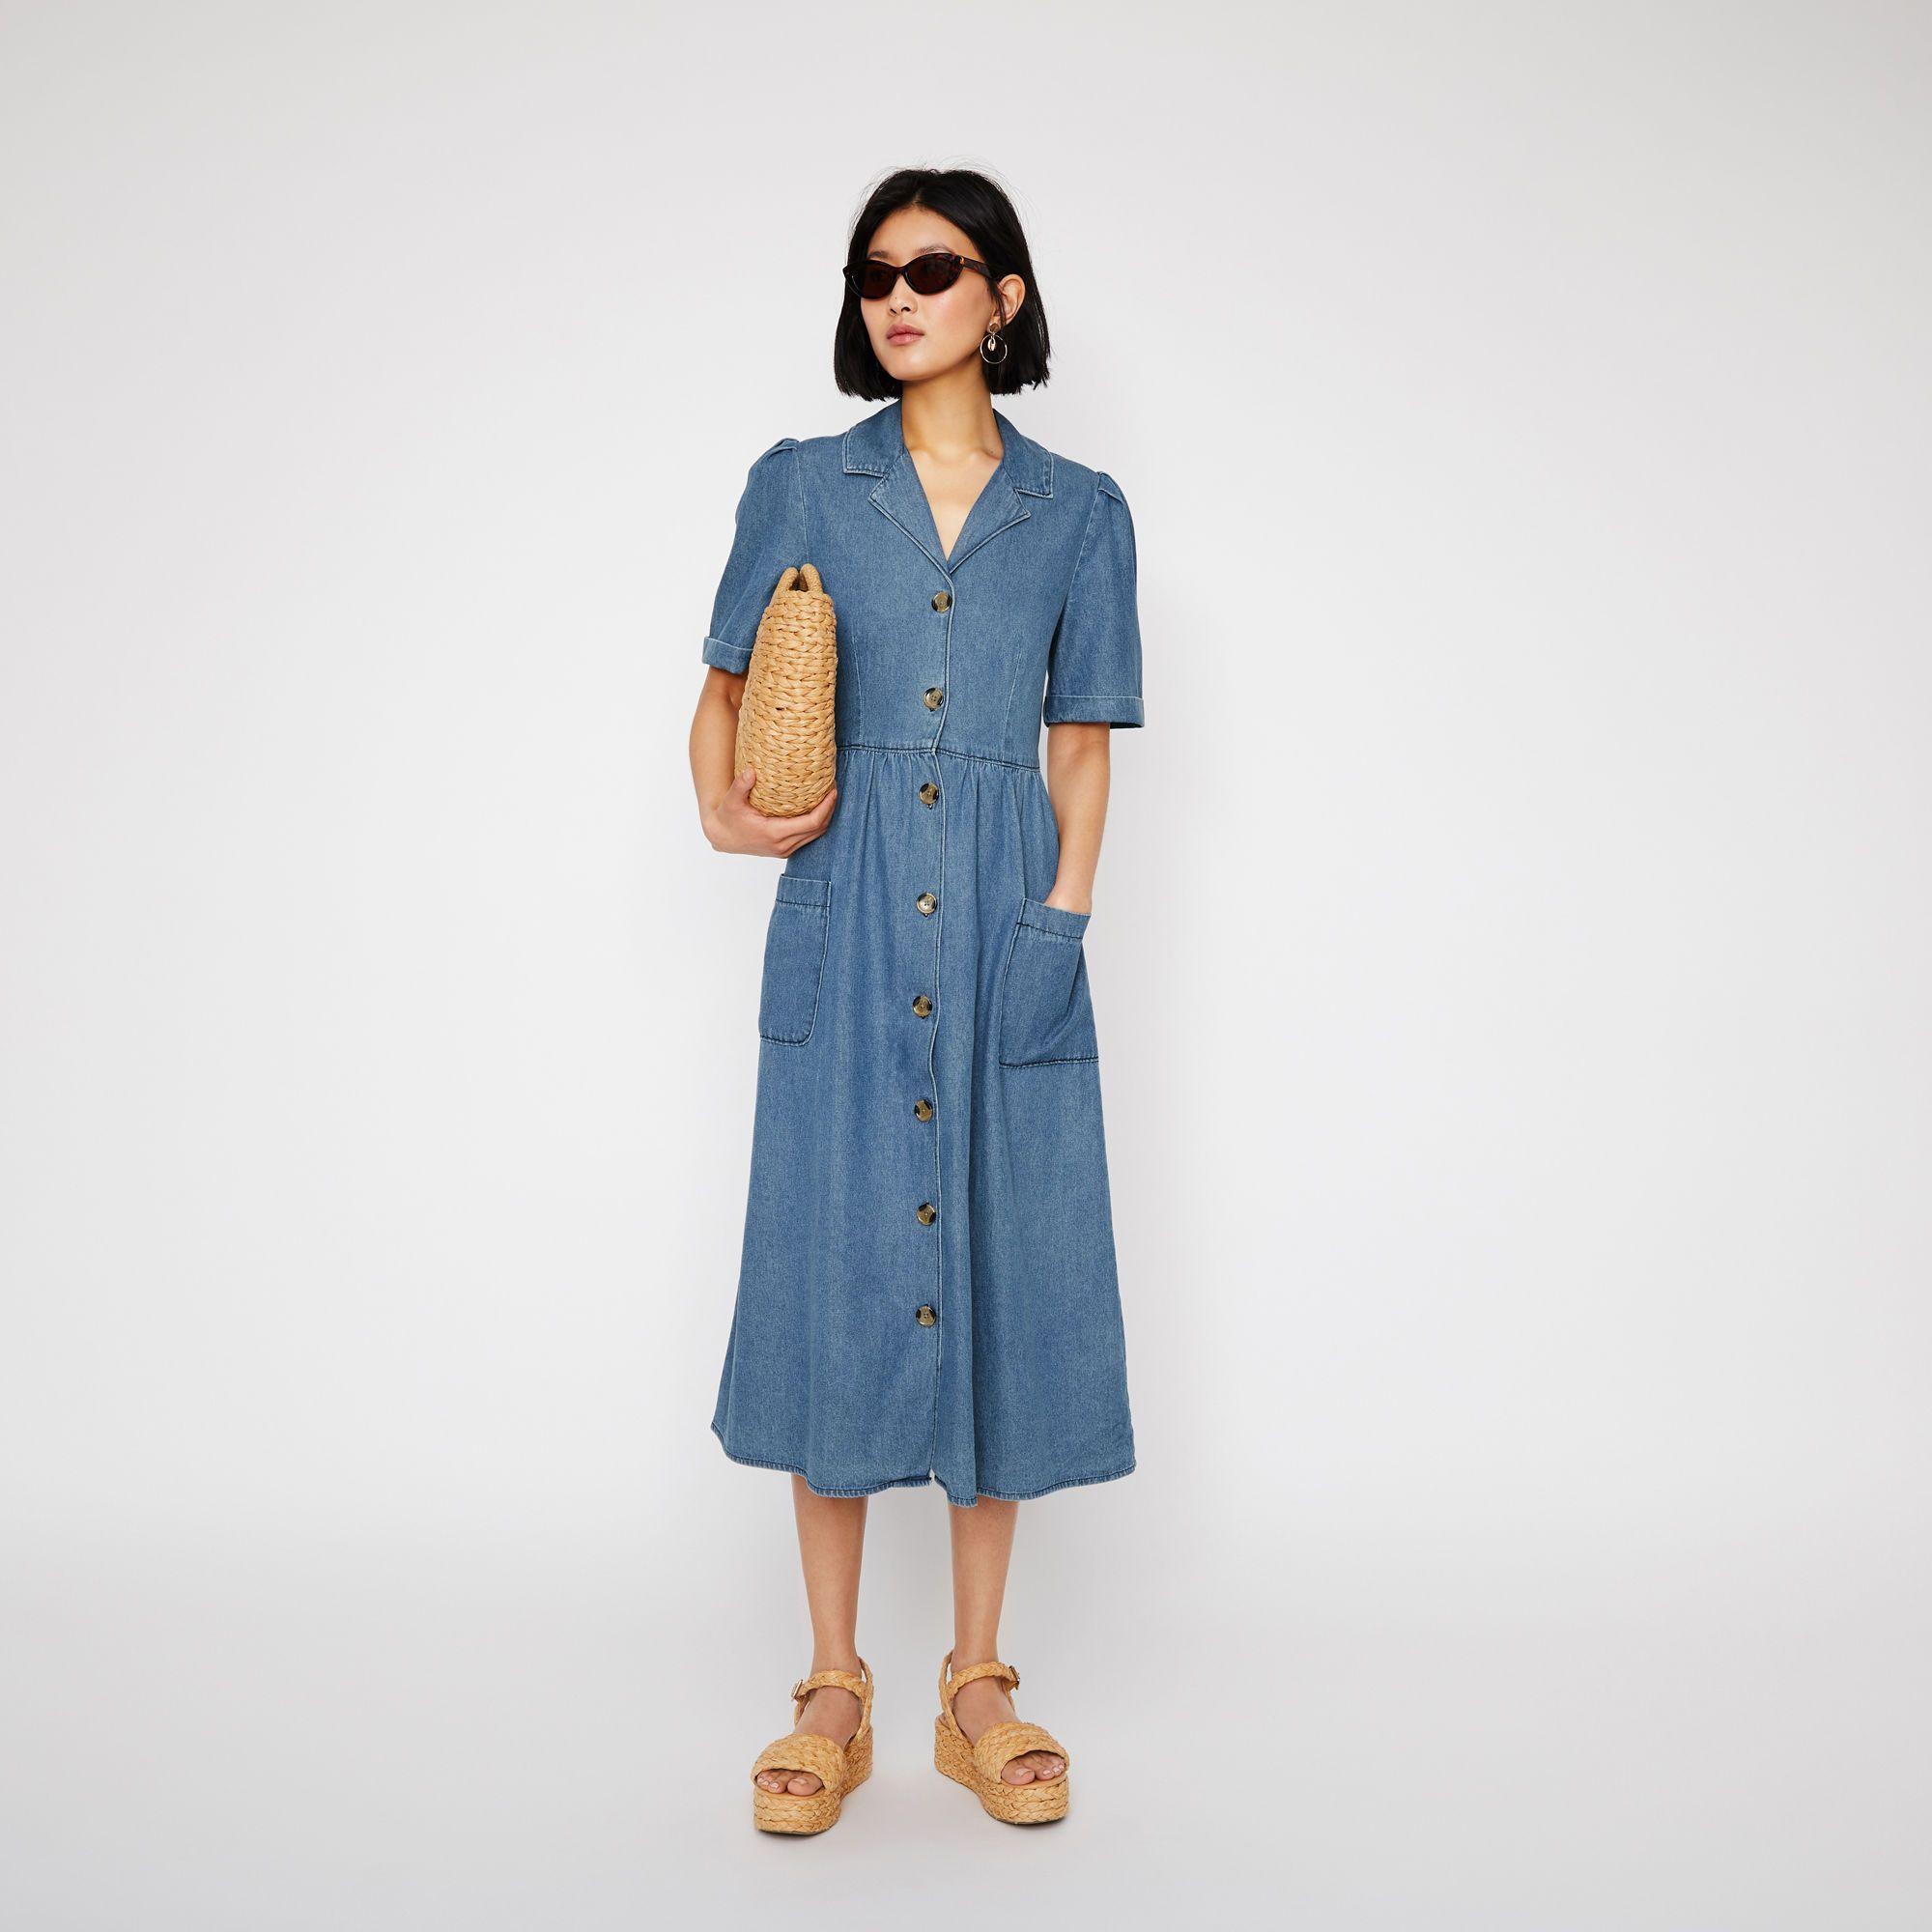 20c62f81d61d Denim button midi dress in 2019 | wait for sale | Shirts, Dresses, Denim